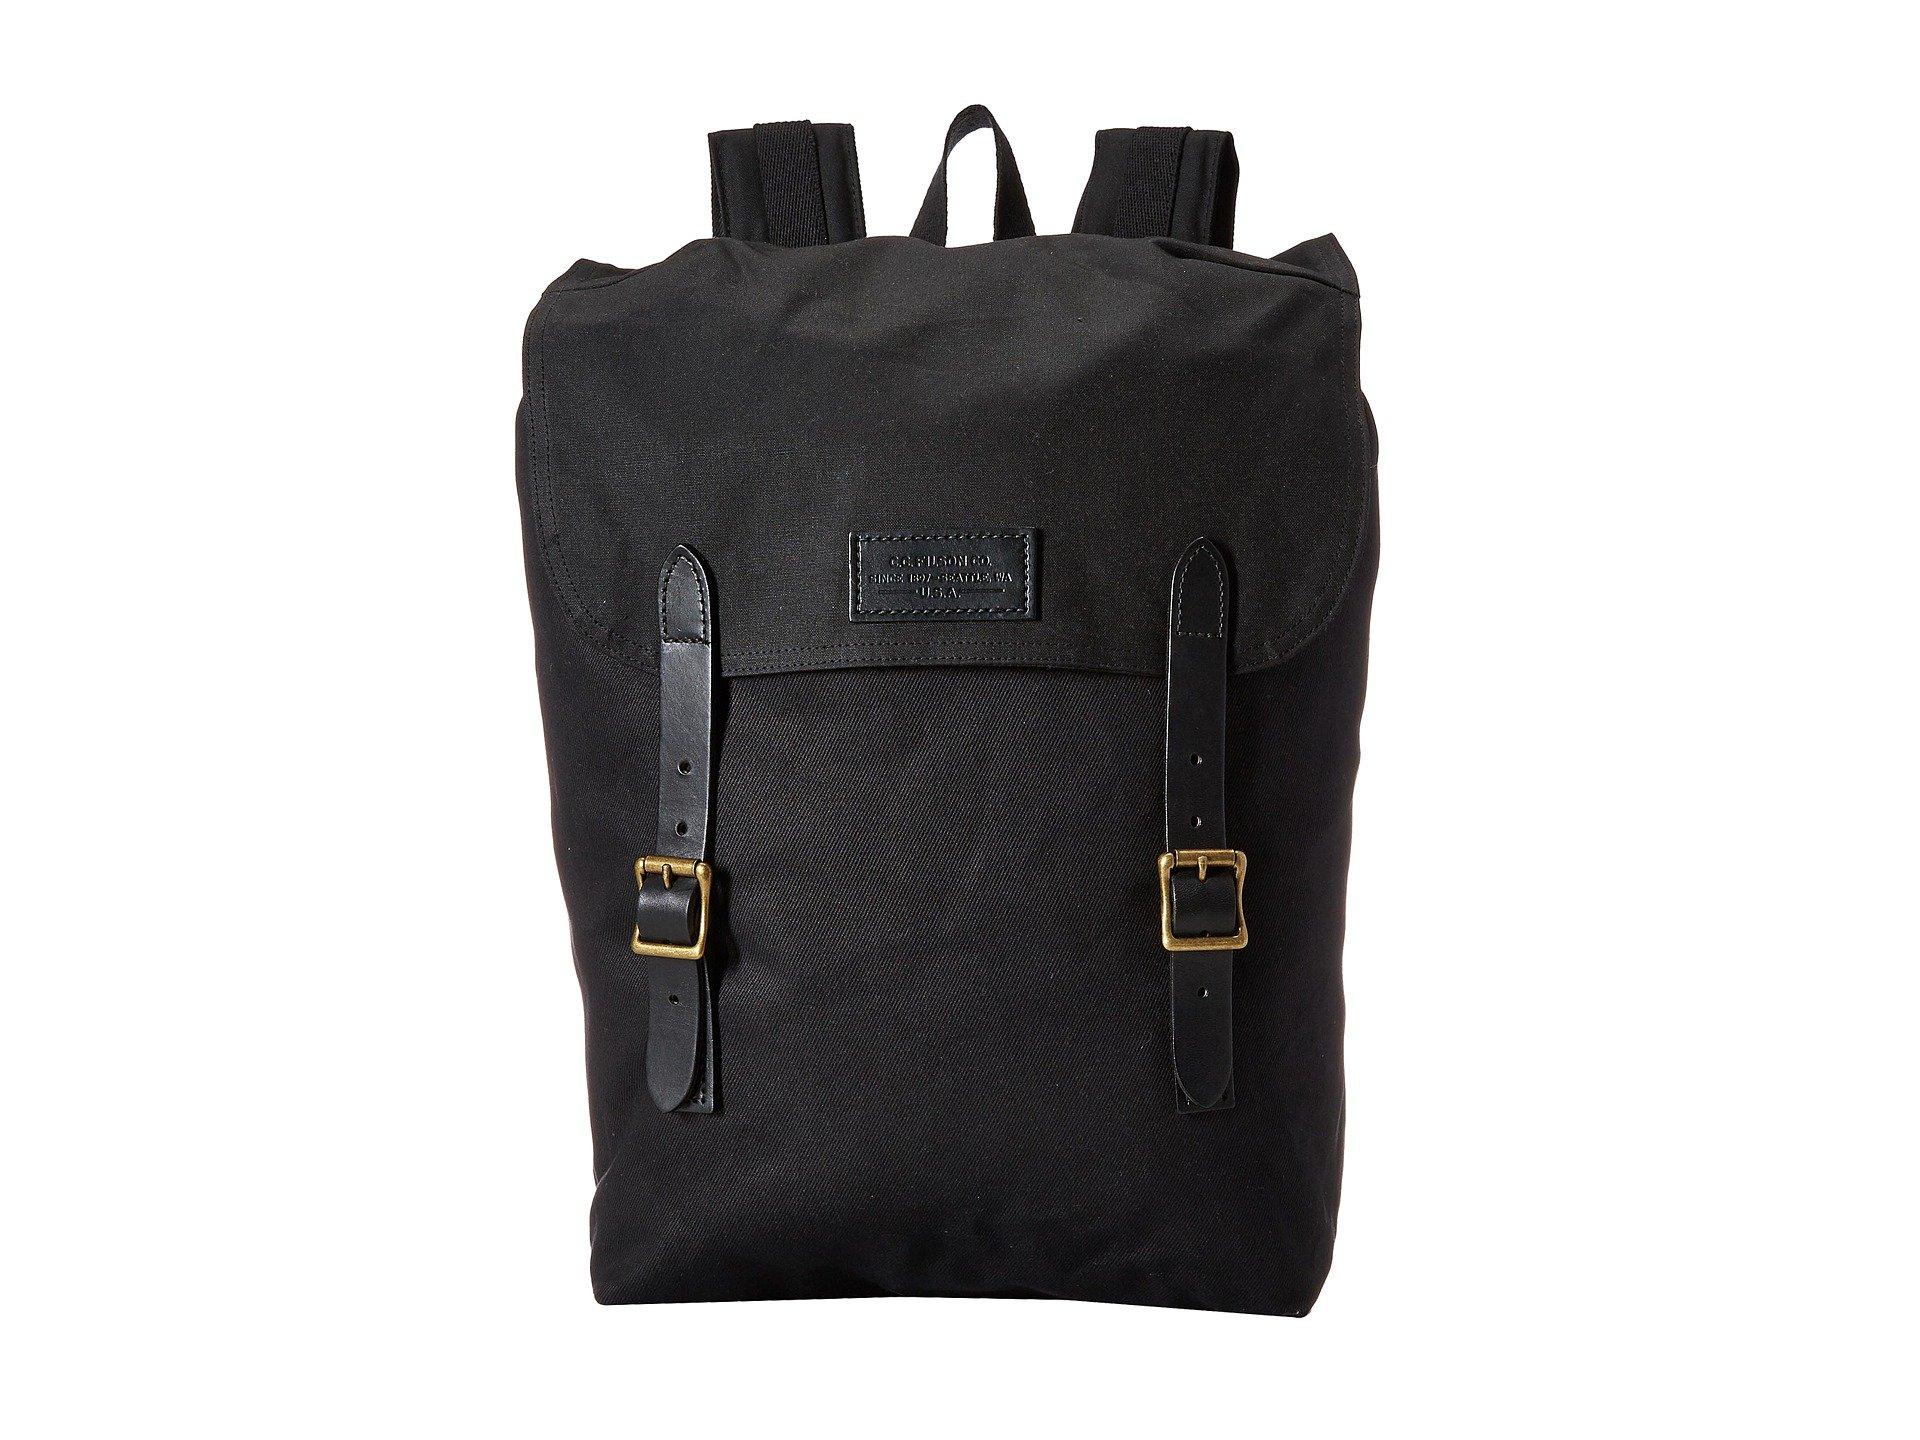 Filson Ranger Black Filson Black Black Ranger Filson Ranger Backpack Backpack Backpack wTXFCIq